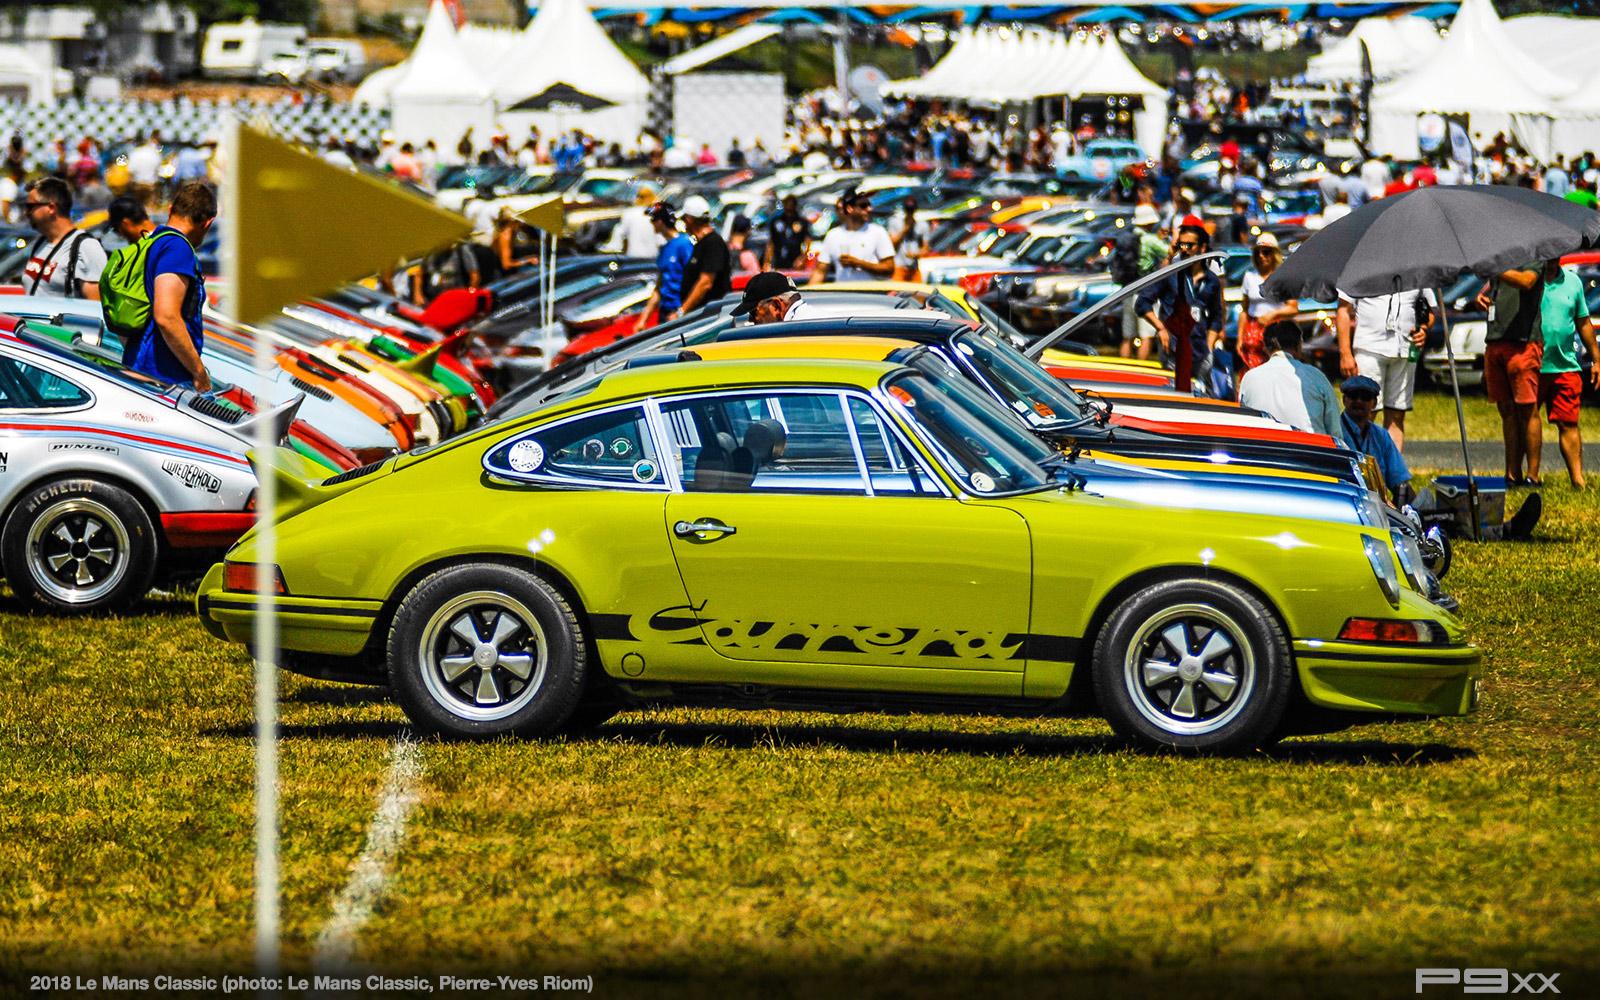 2018-Le-Mans-Classic-Porsche-343